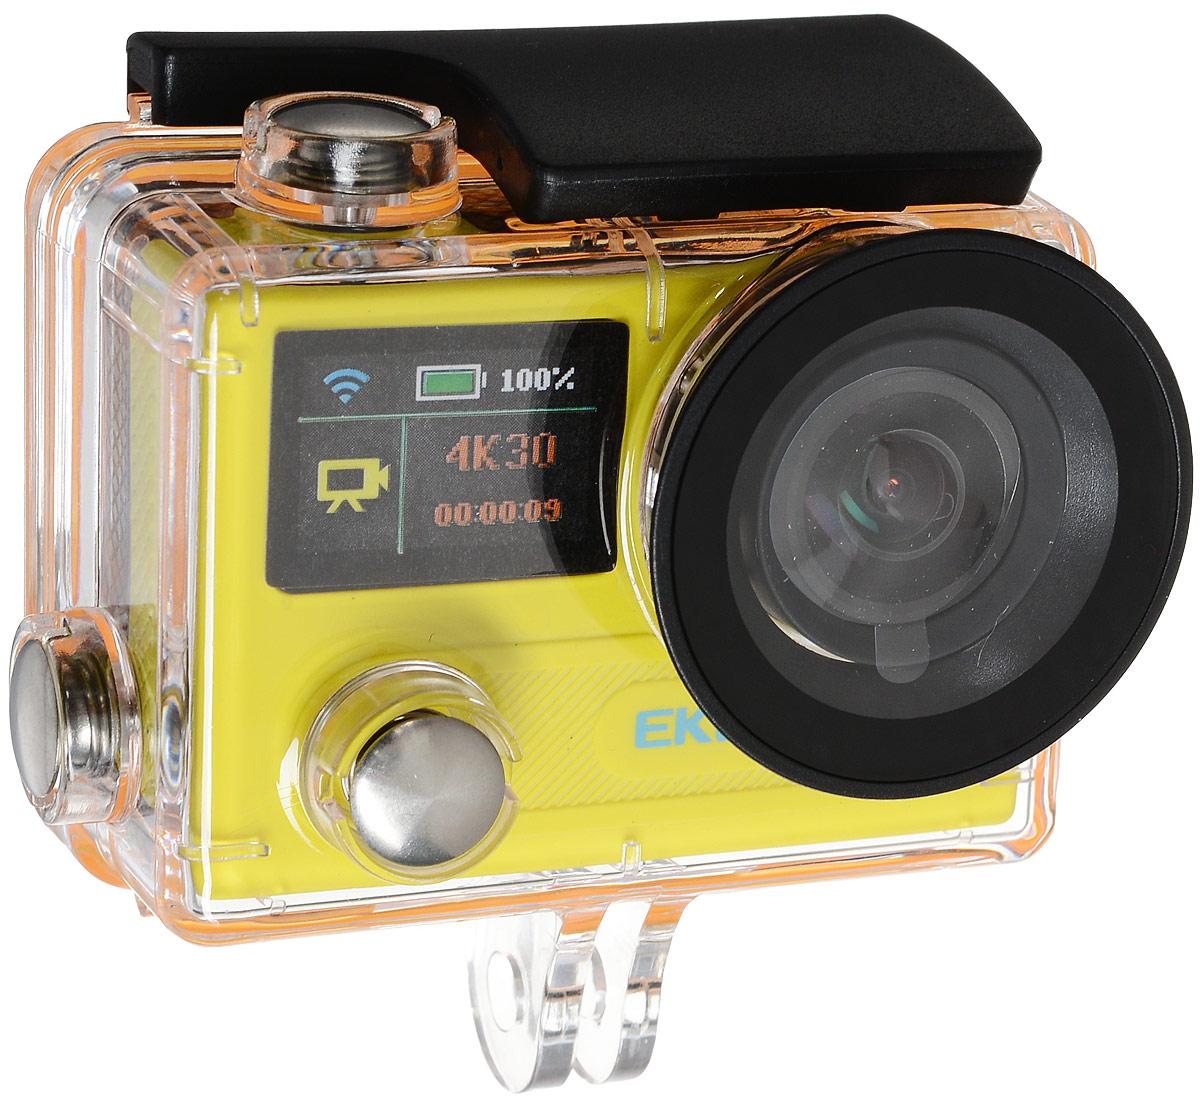 Eken H8 Ultra HD, Yellow экшн-камераH8 YELLOWЭкшн-камера Eken H8 Ultra HD позволяет записывать видео с разрешением 4К и очень плавным изображением до 30 кадров в секунду. Камера имеет два дисплея: 2 TFT LCD основной экран и 0.95 OLED экран статуса (уровень заряда батареи, подключение к WiFi, режим съемки и длительность записи). Эта модель сделана для любителей спорта на улице, подводного плавания, скейтбординга, скай-дайвинга, скалолазания, бега или охоты. Снимайте с руки, на велосипеде, в машине и где угодно. По сравнению с предыдущими версиями, в Eken H8 Ultra HD вы найдете уменьшенные размеры корпуса, увеличенный до 2-х дюймов экран, невероятную оптику и фантастическое разрешение изображения при съемке 30 кадров в секунду! Управляйте вашей H8 на своем смартфоне или планшете. Приложение Ez iCam App позволяет работать с браузером и наблюдать все то, что видит ваша камера.